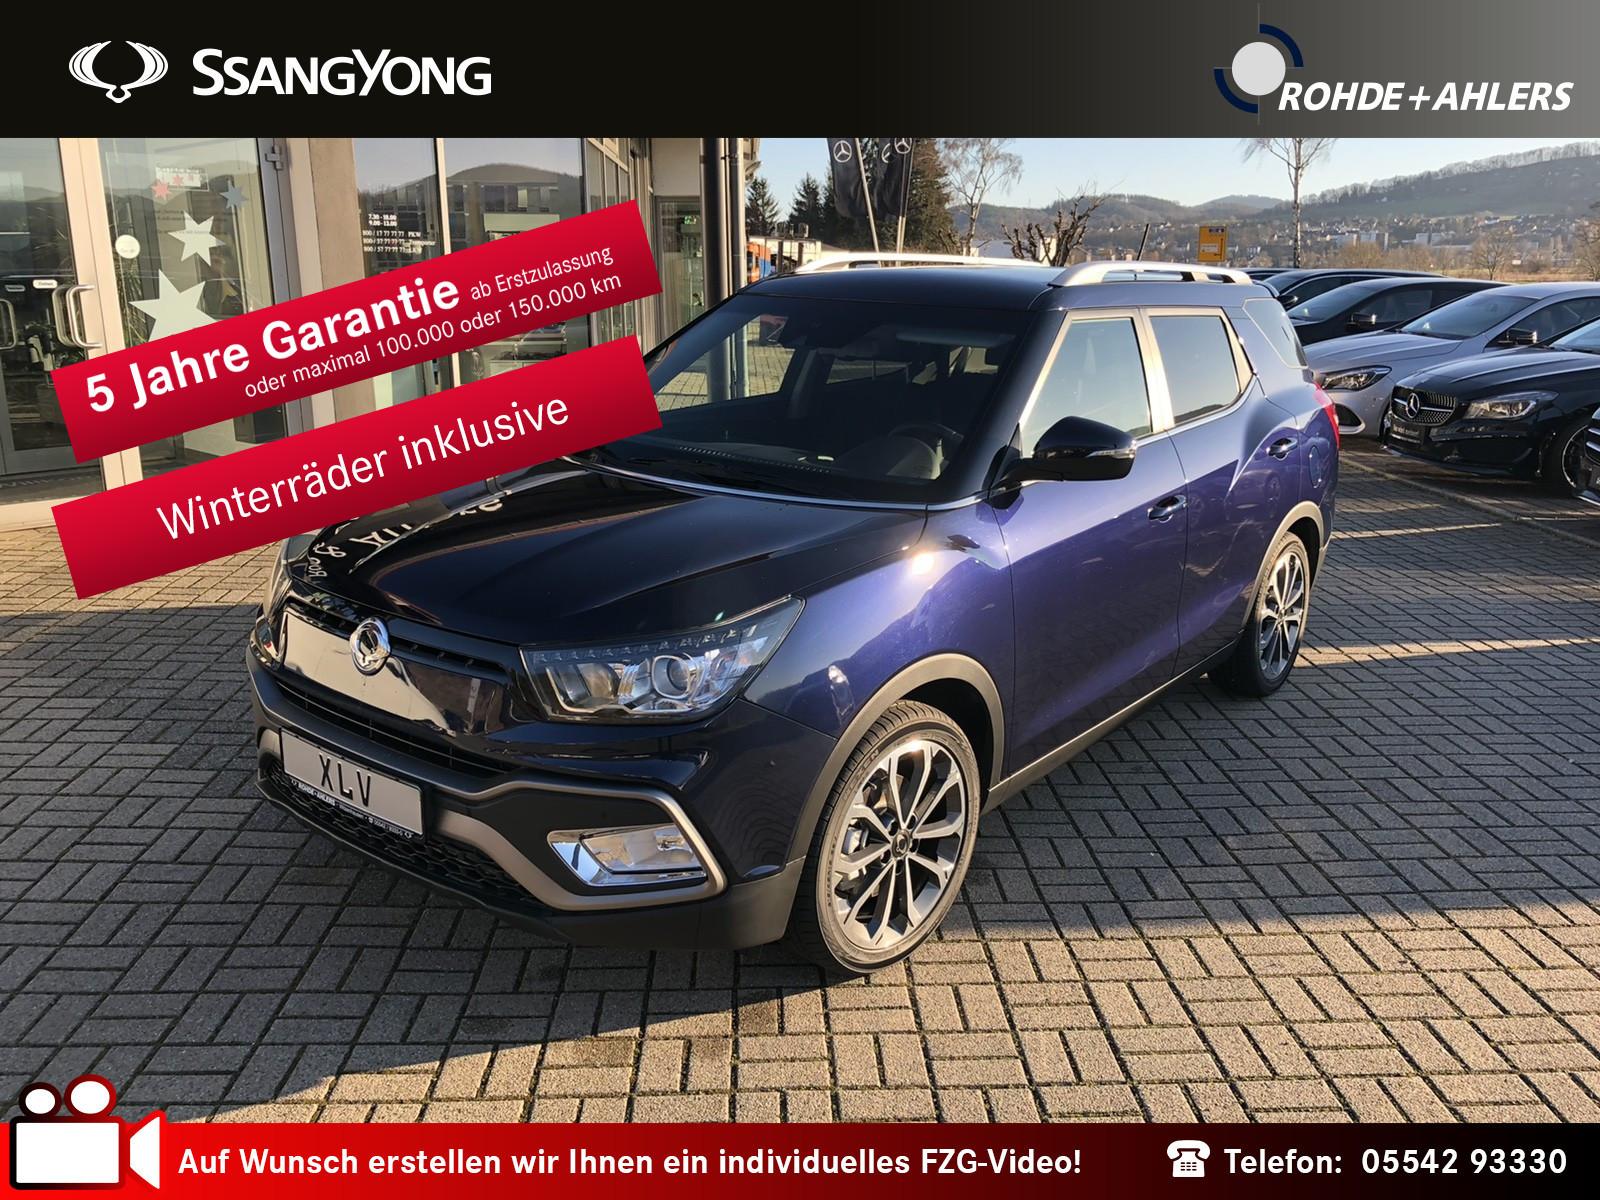 Ssangyong XLV 1.6 e-XGi Forward 2WD NAVI+KAMERA+EINPARKASS, Jahr 2018, Benzin